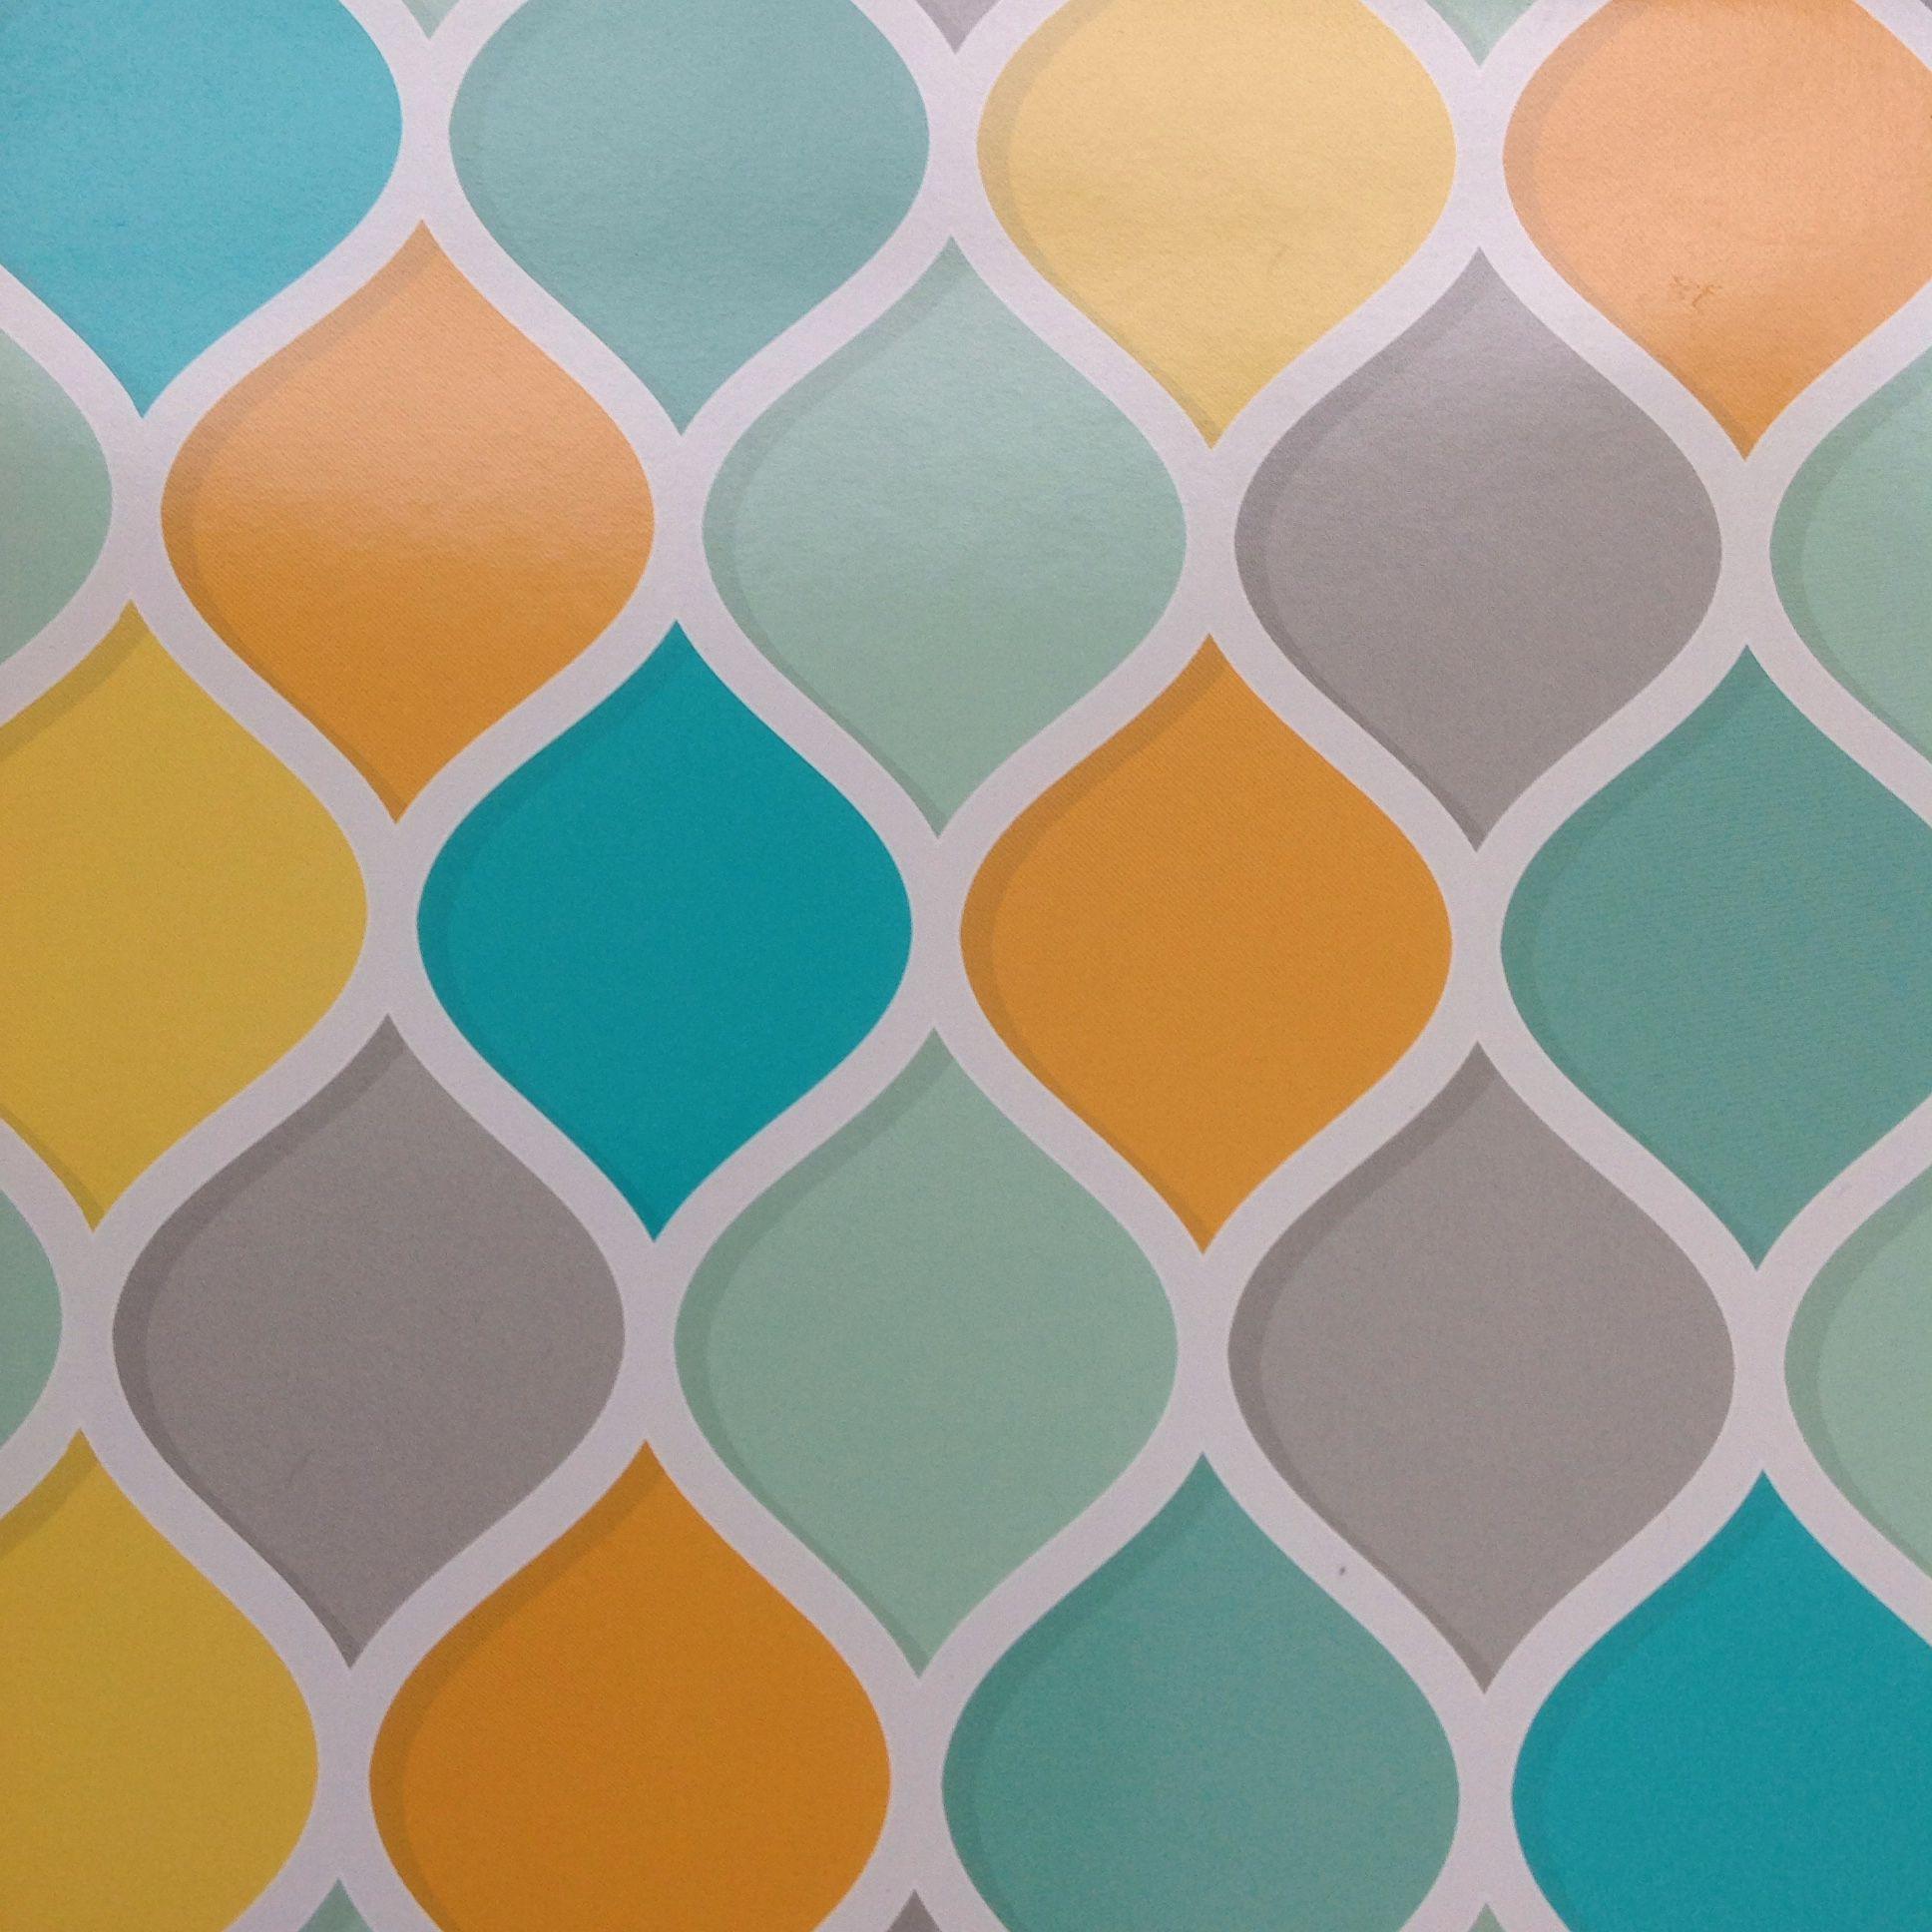 Colour palette & shape